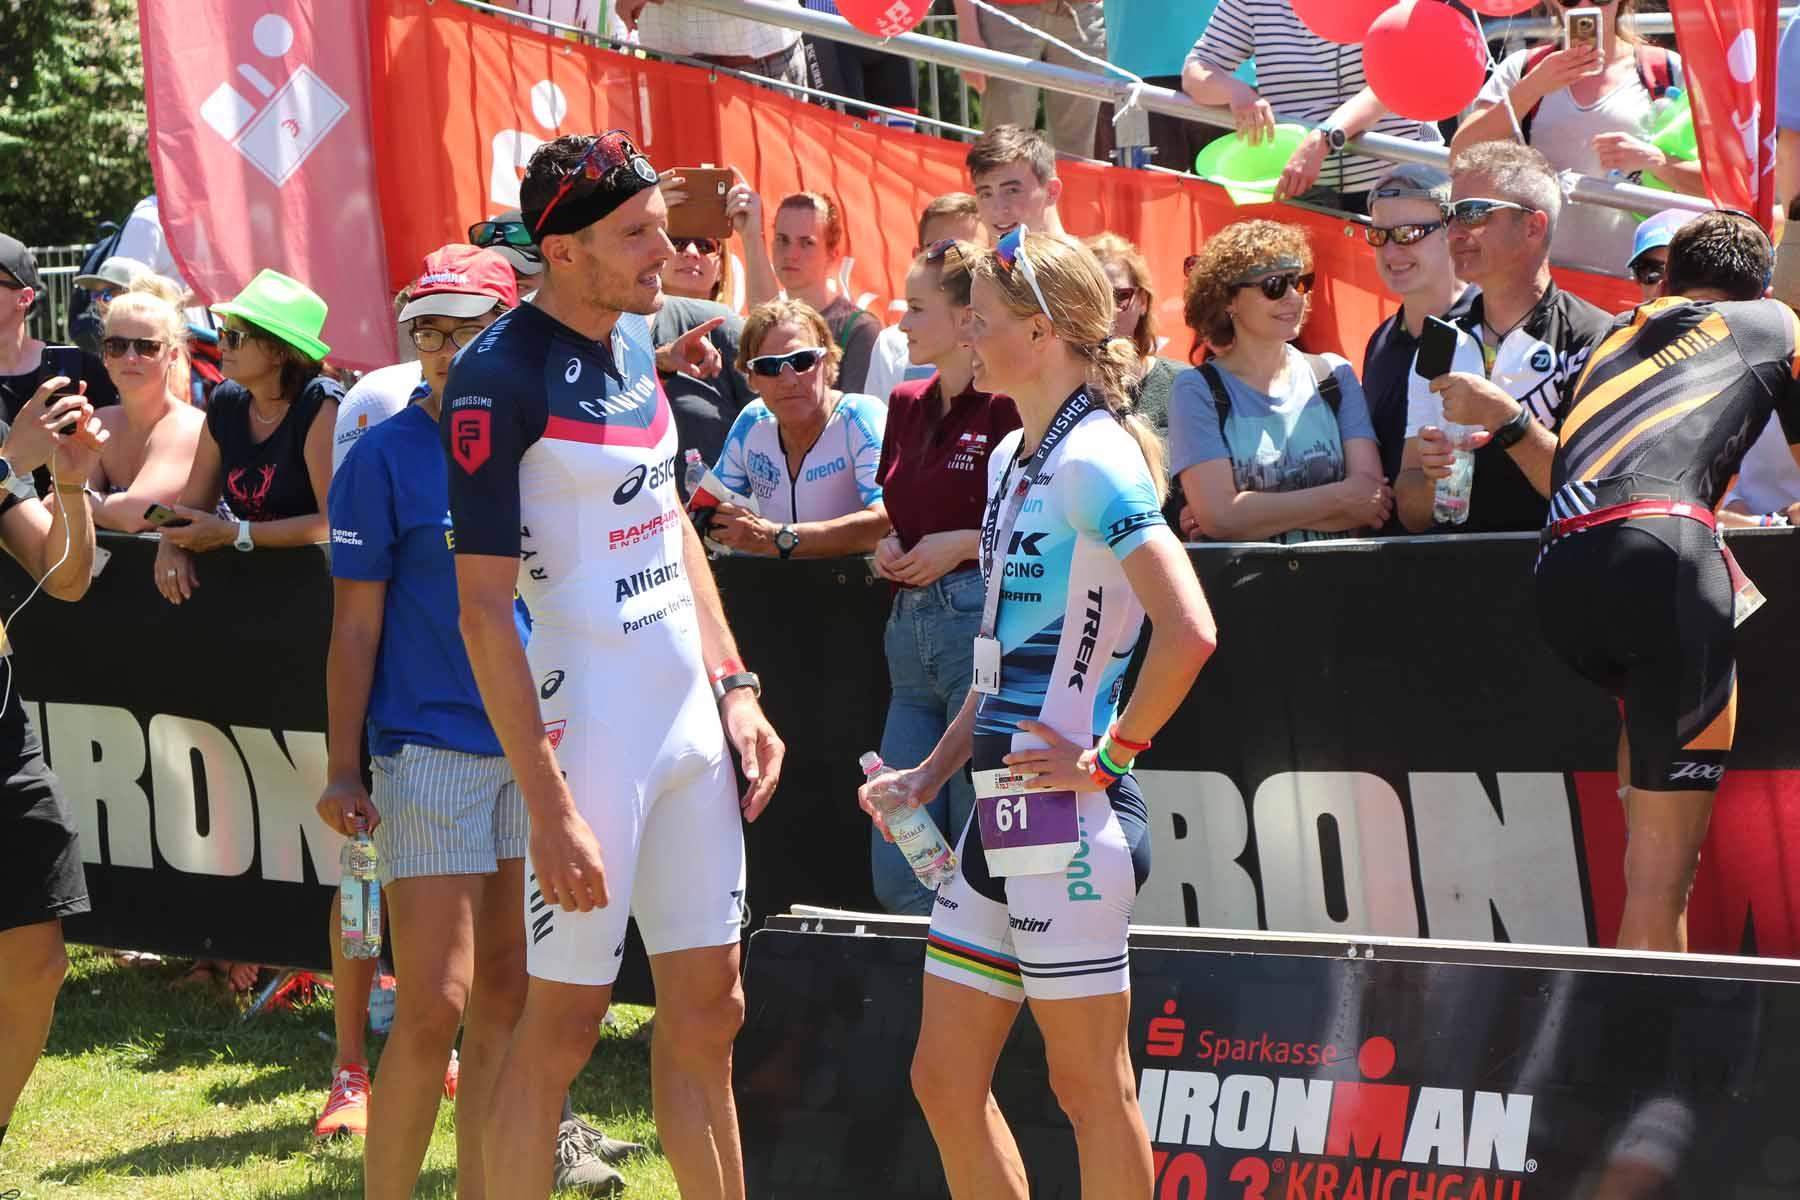 Ironman 2019: Die beiden Sieger Jan Frodeno und Helle Frederiksen imGespräch